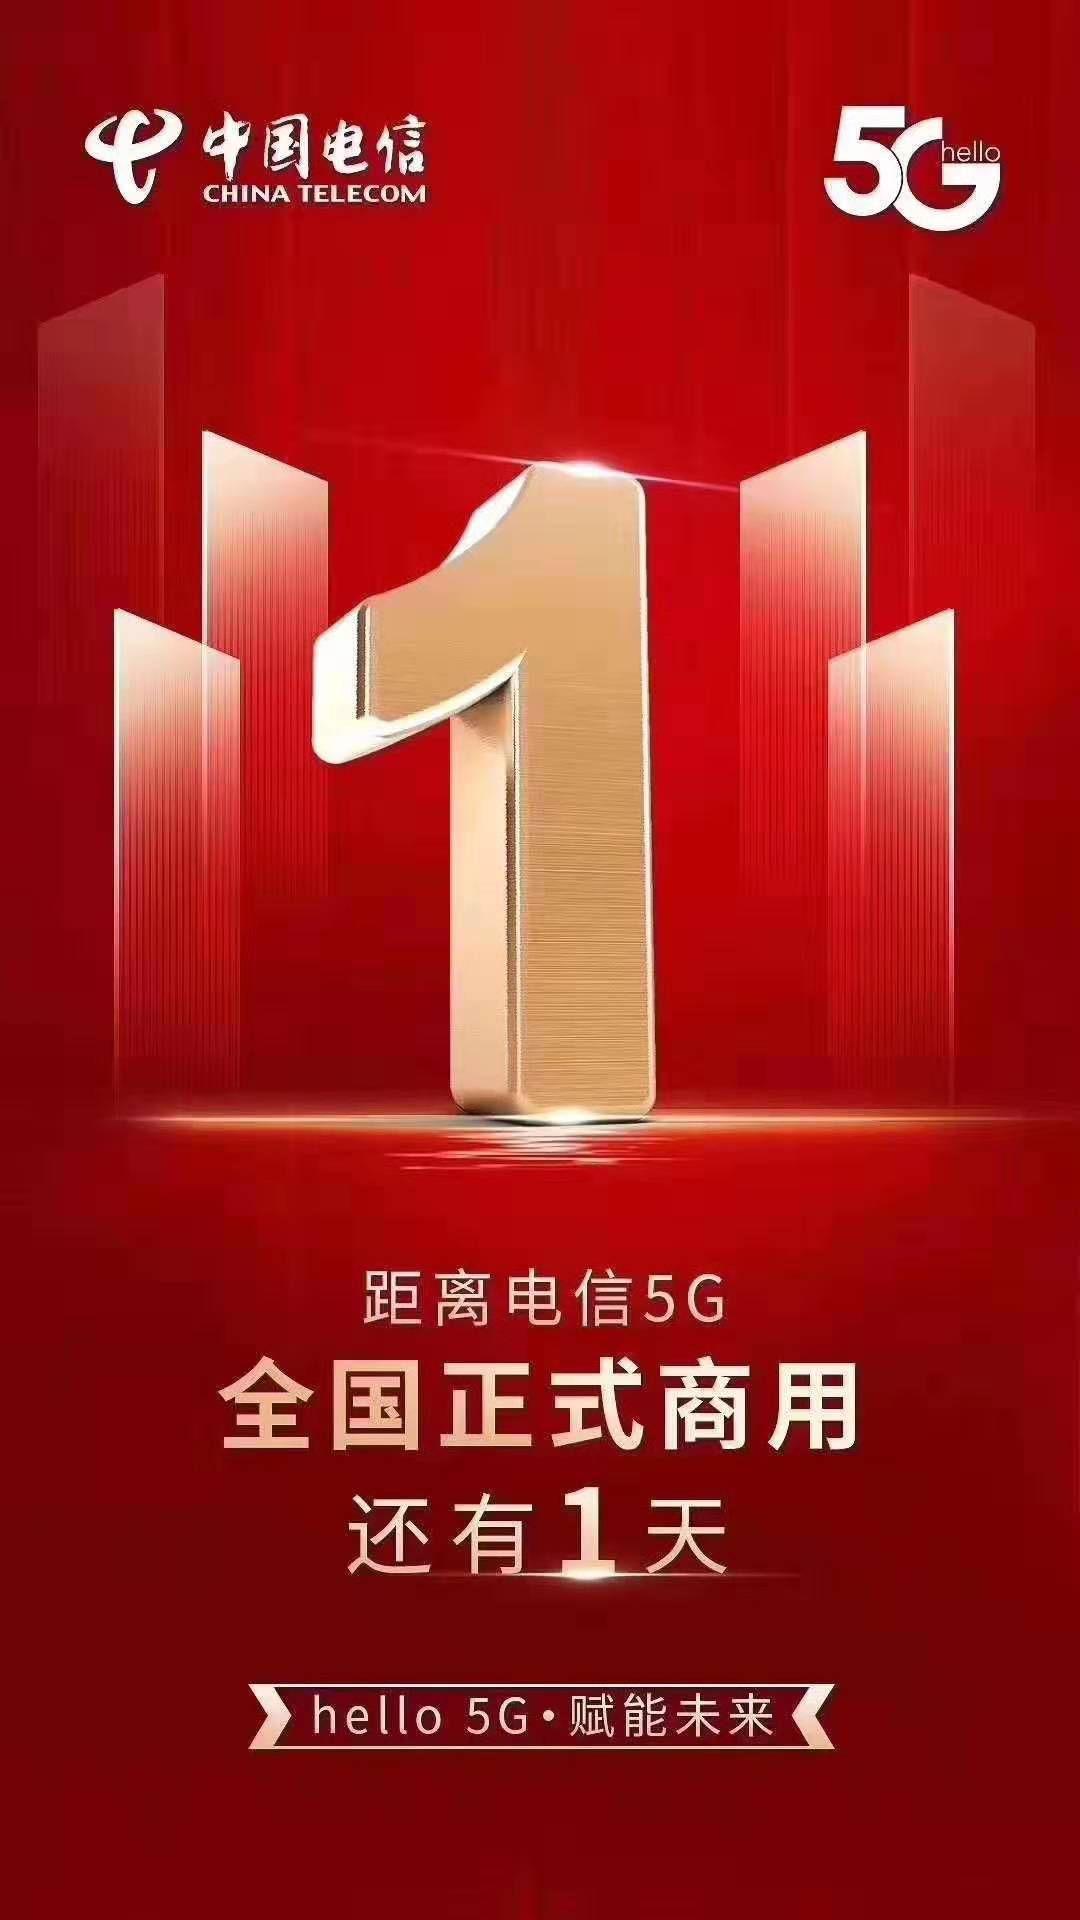 三大运营商明日将共同启动5G商用计划,概念股即将再次起飞?